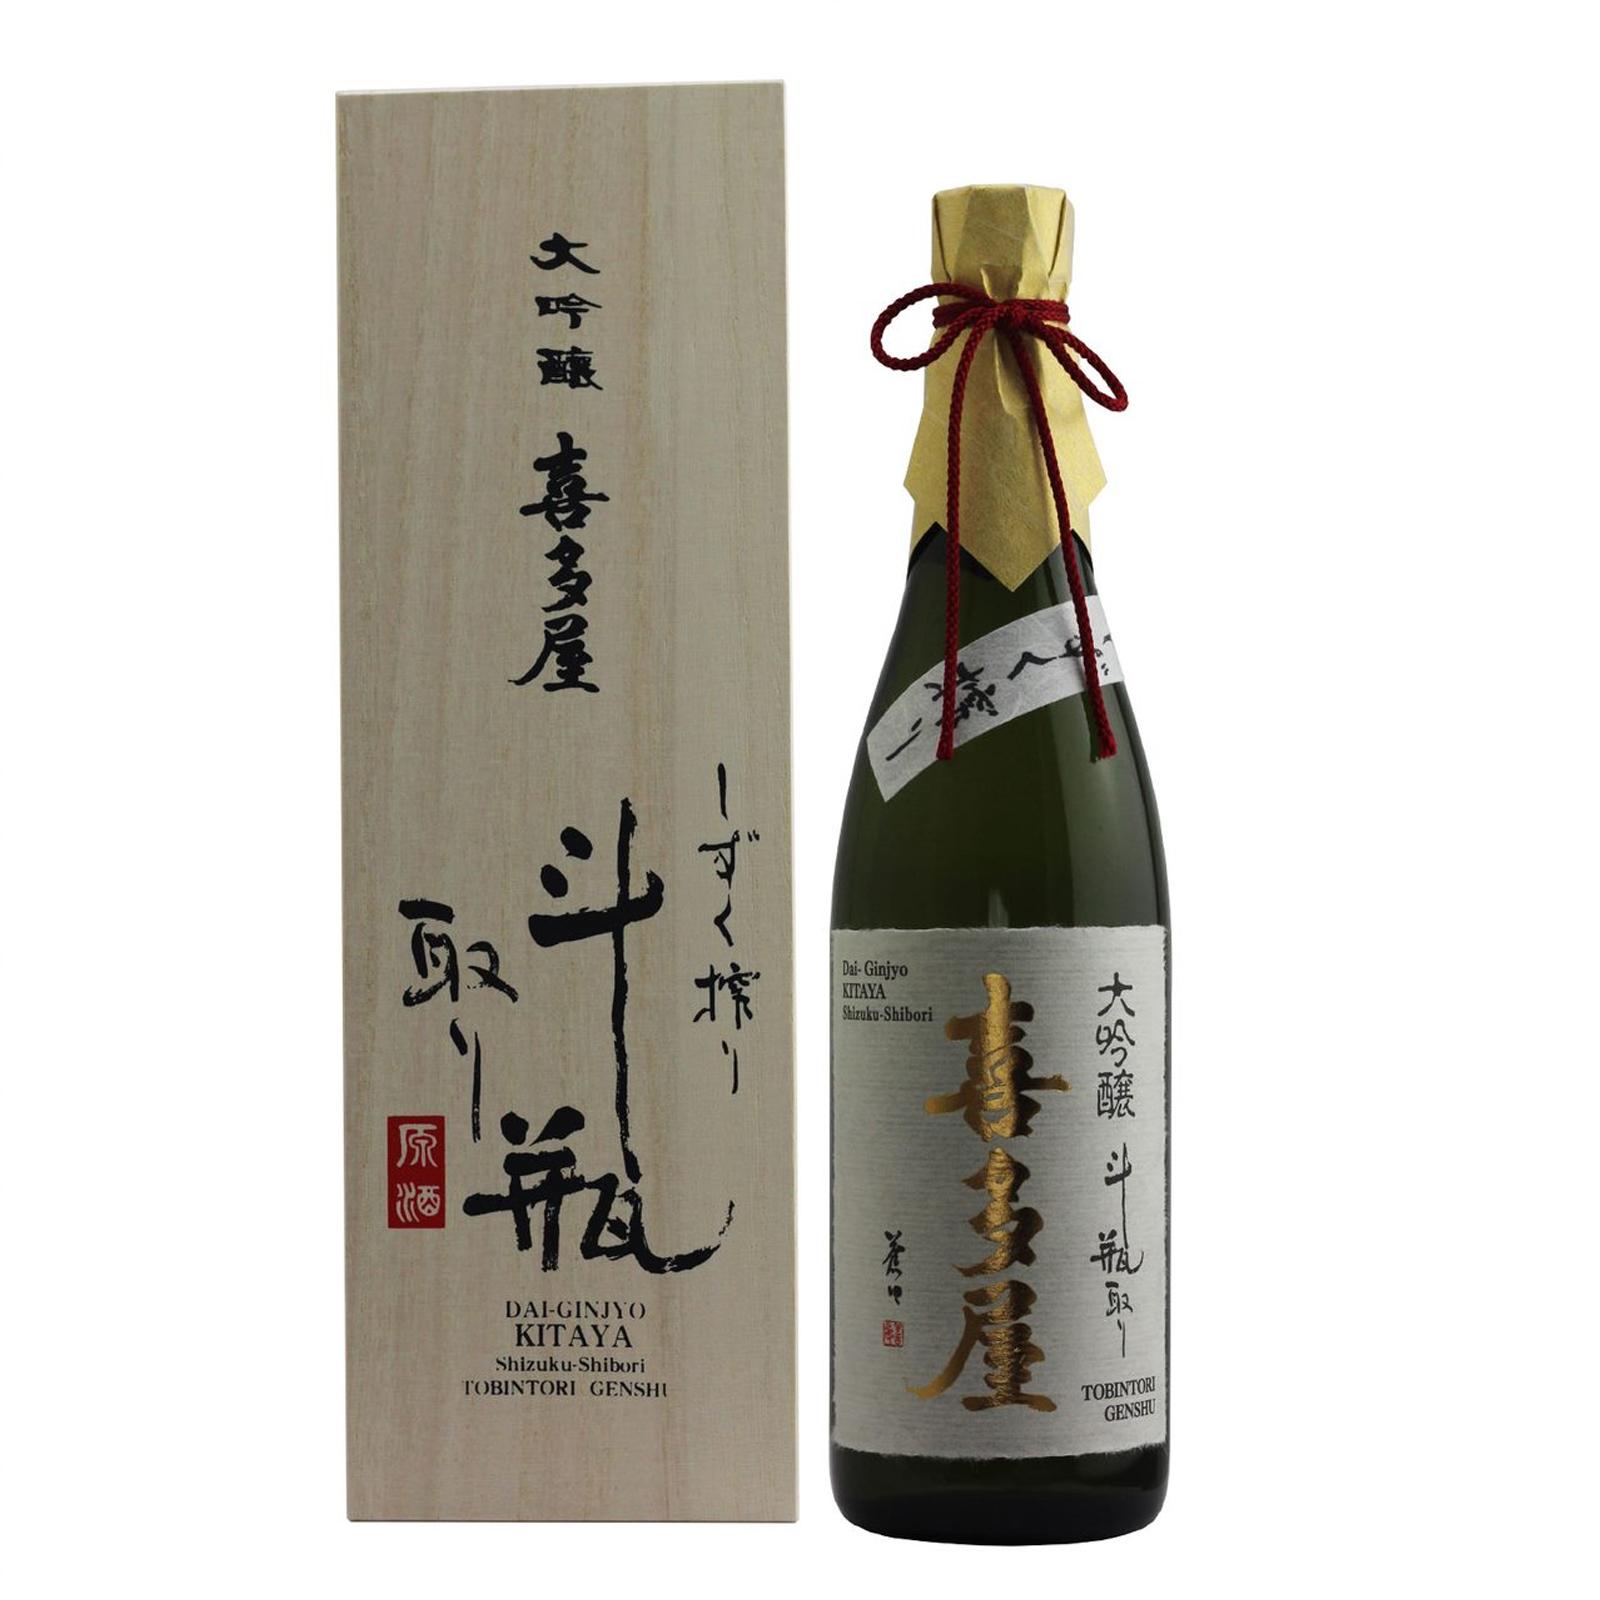 Kitaya Daiginjo Tobin-Dori Genshu Kitaya 17% 720ml